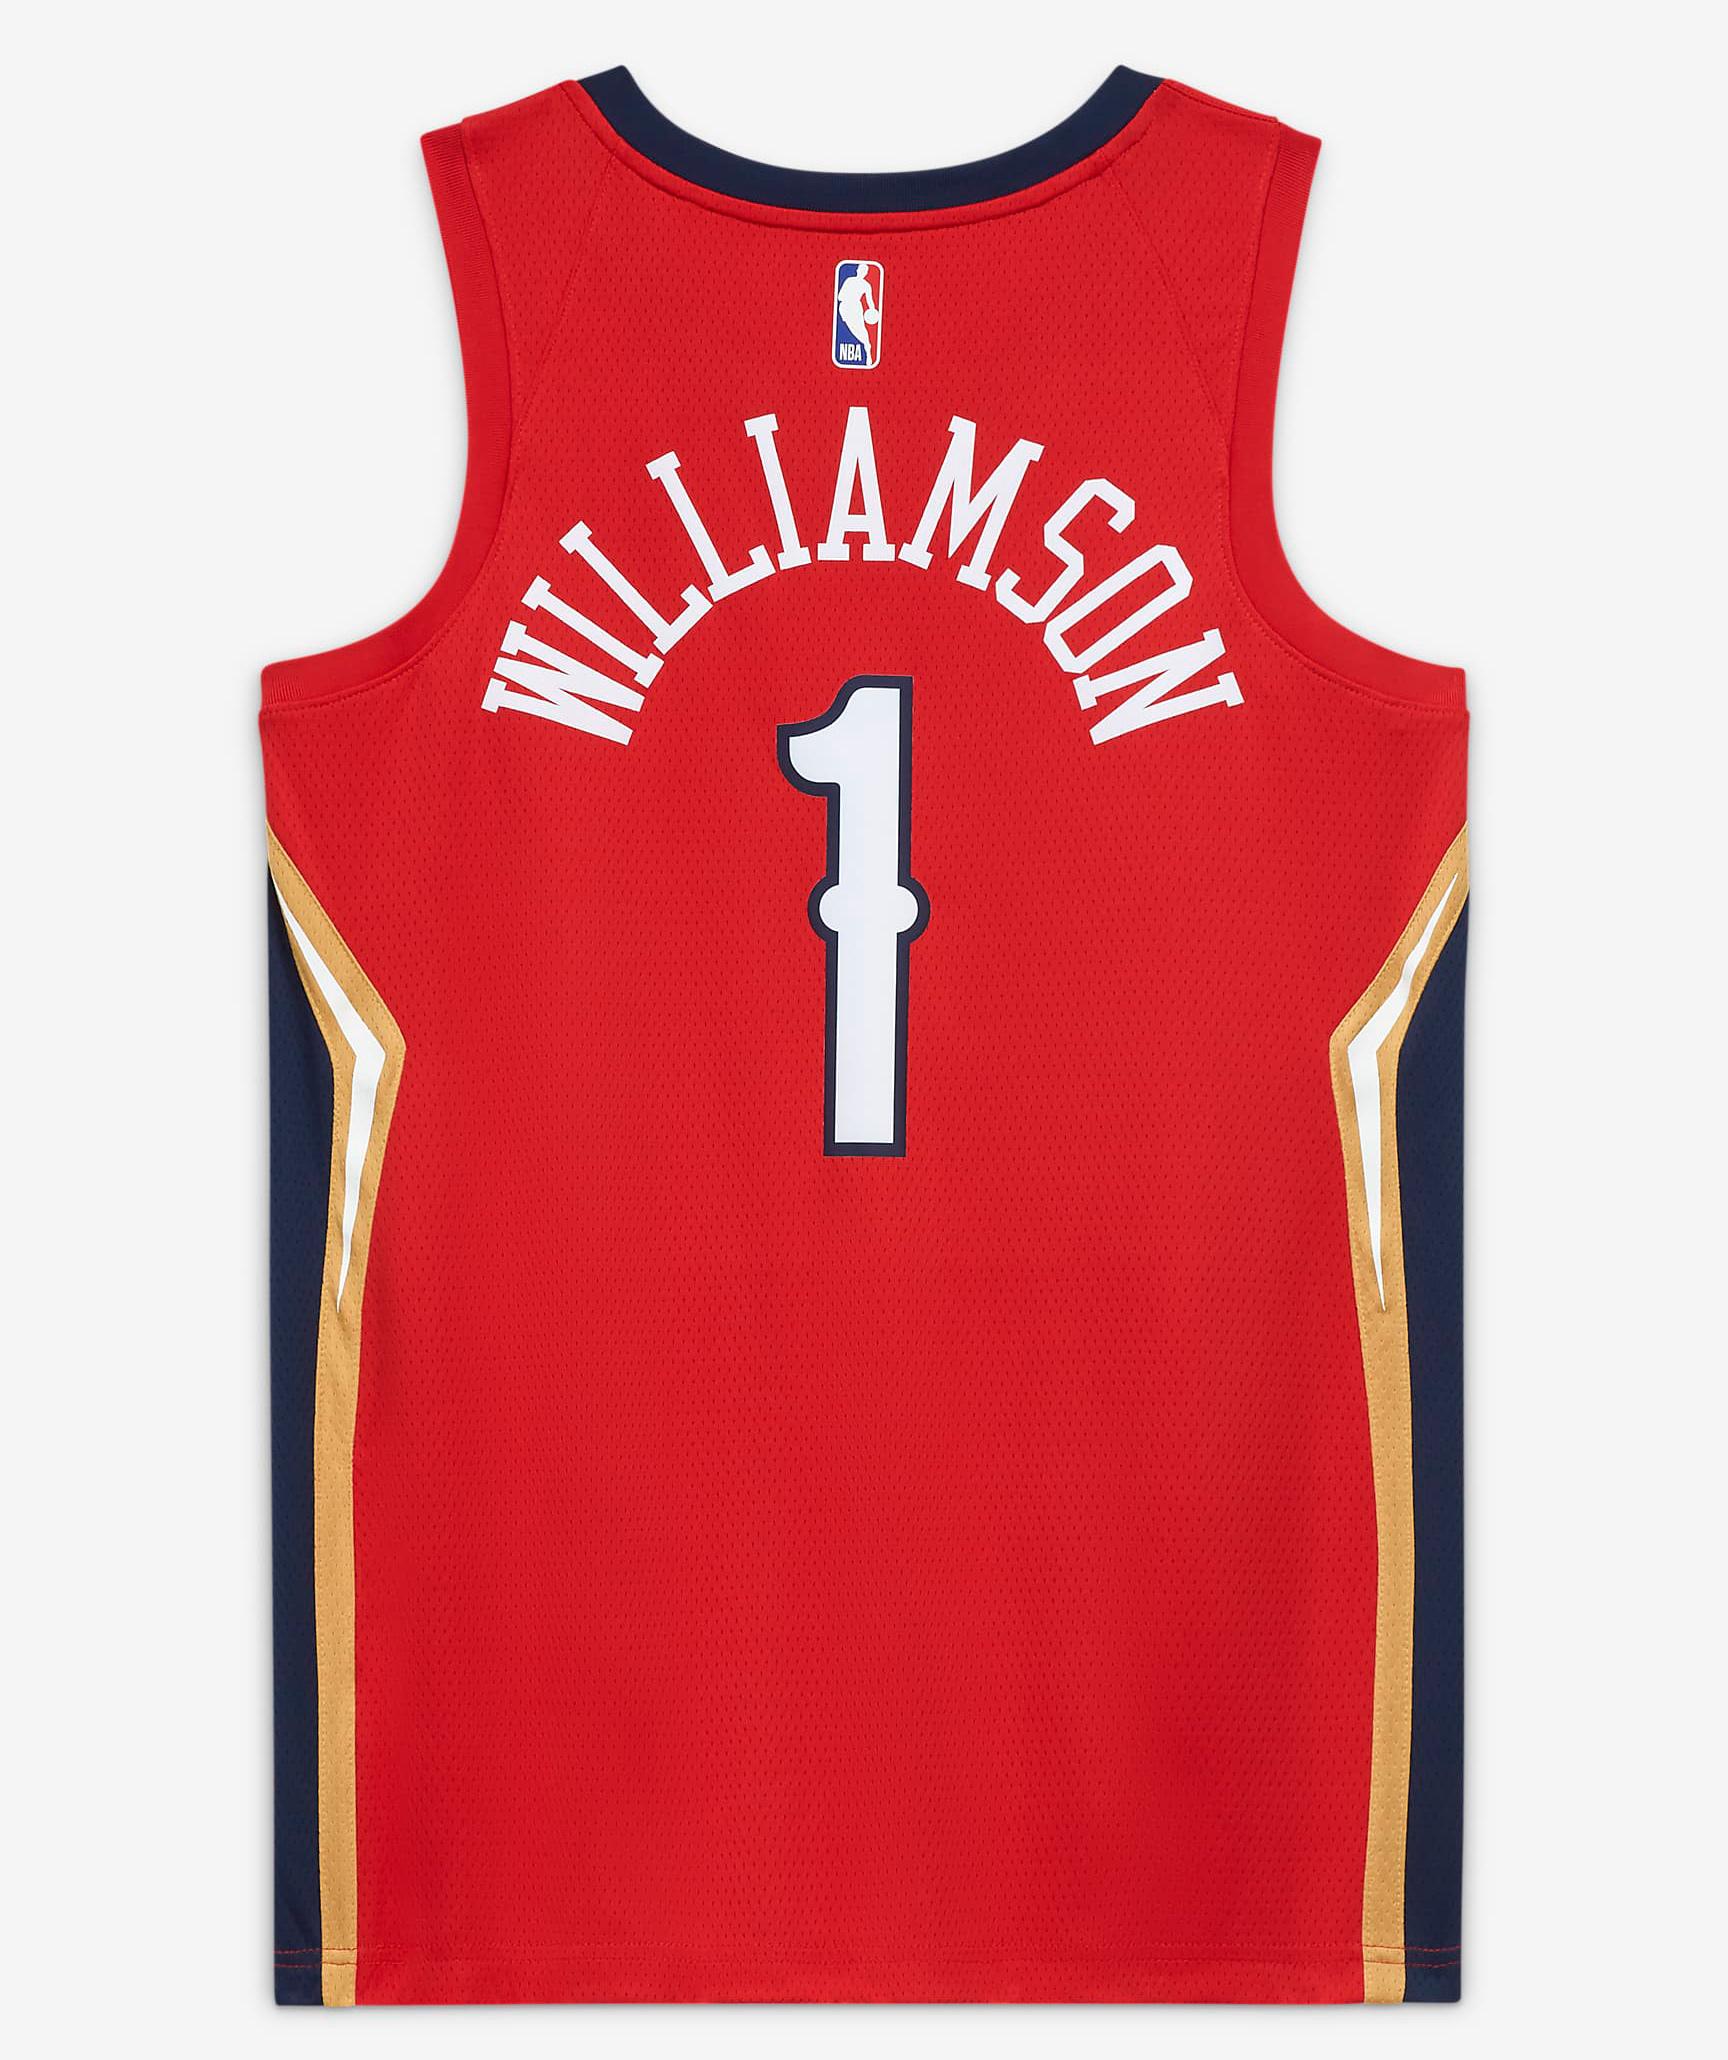 jordan-zion-williamson-pelicans-red-jersey-2